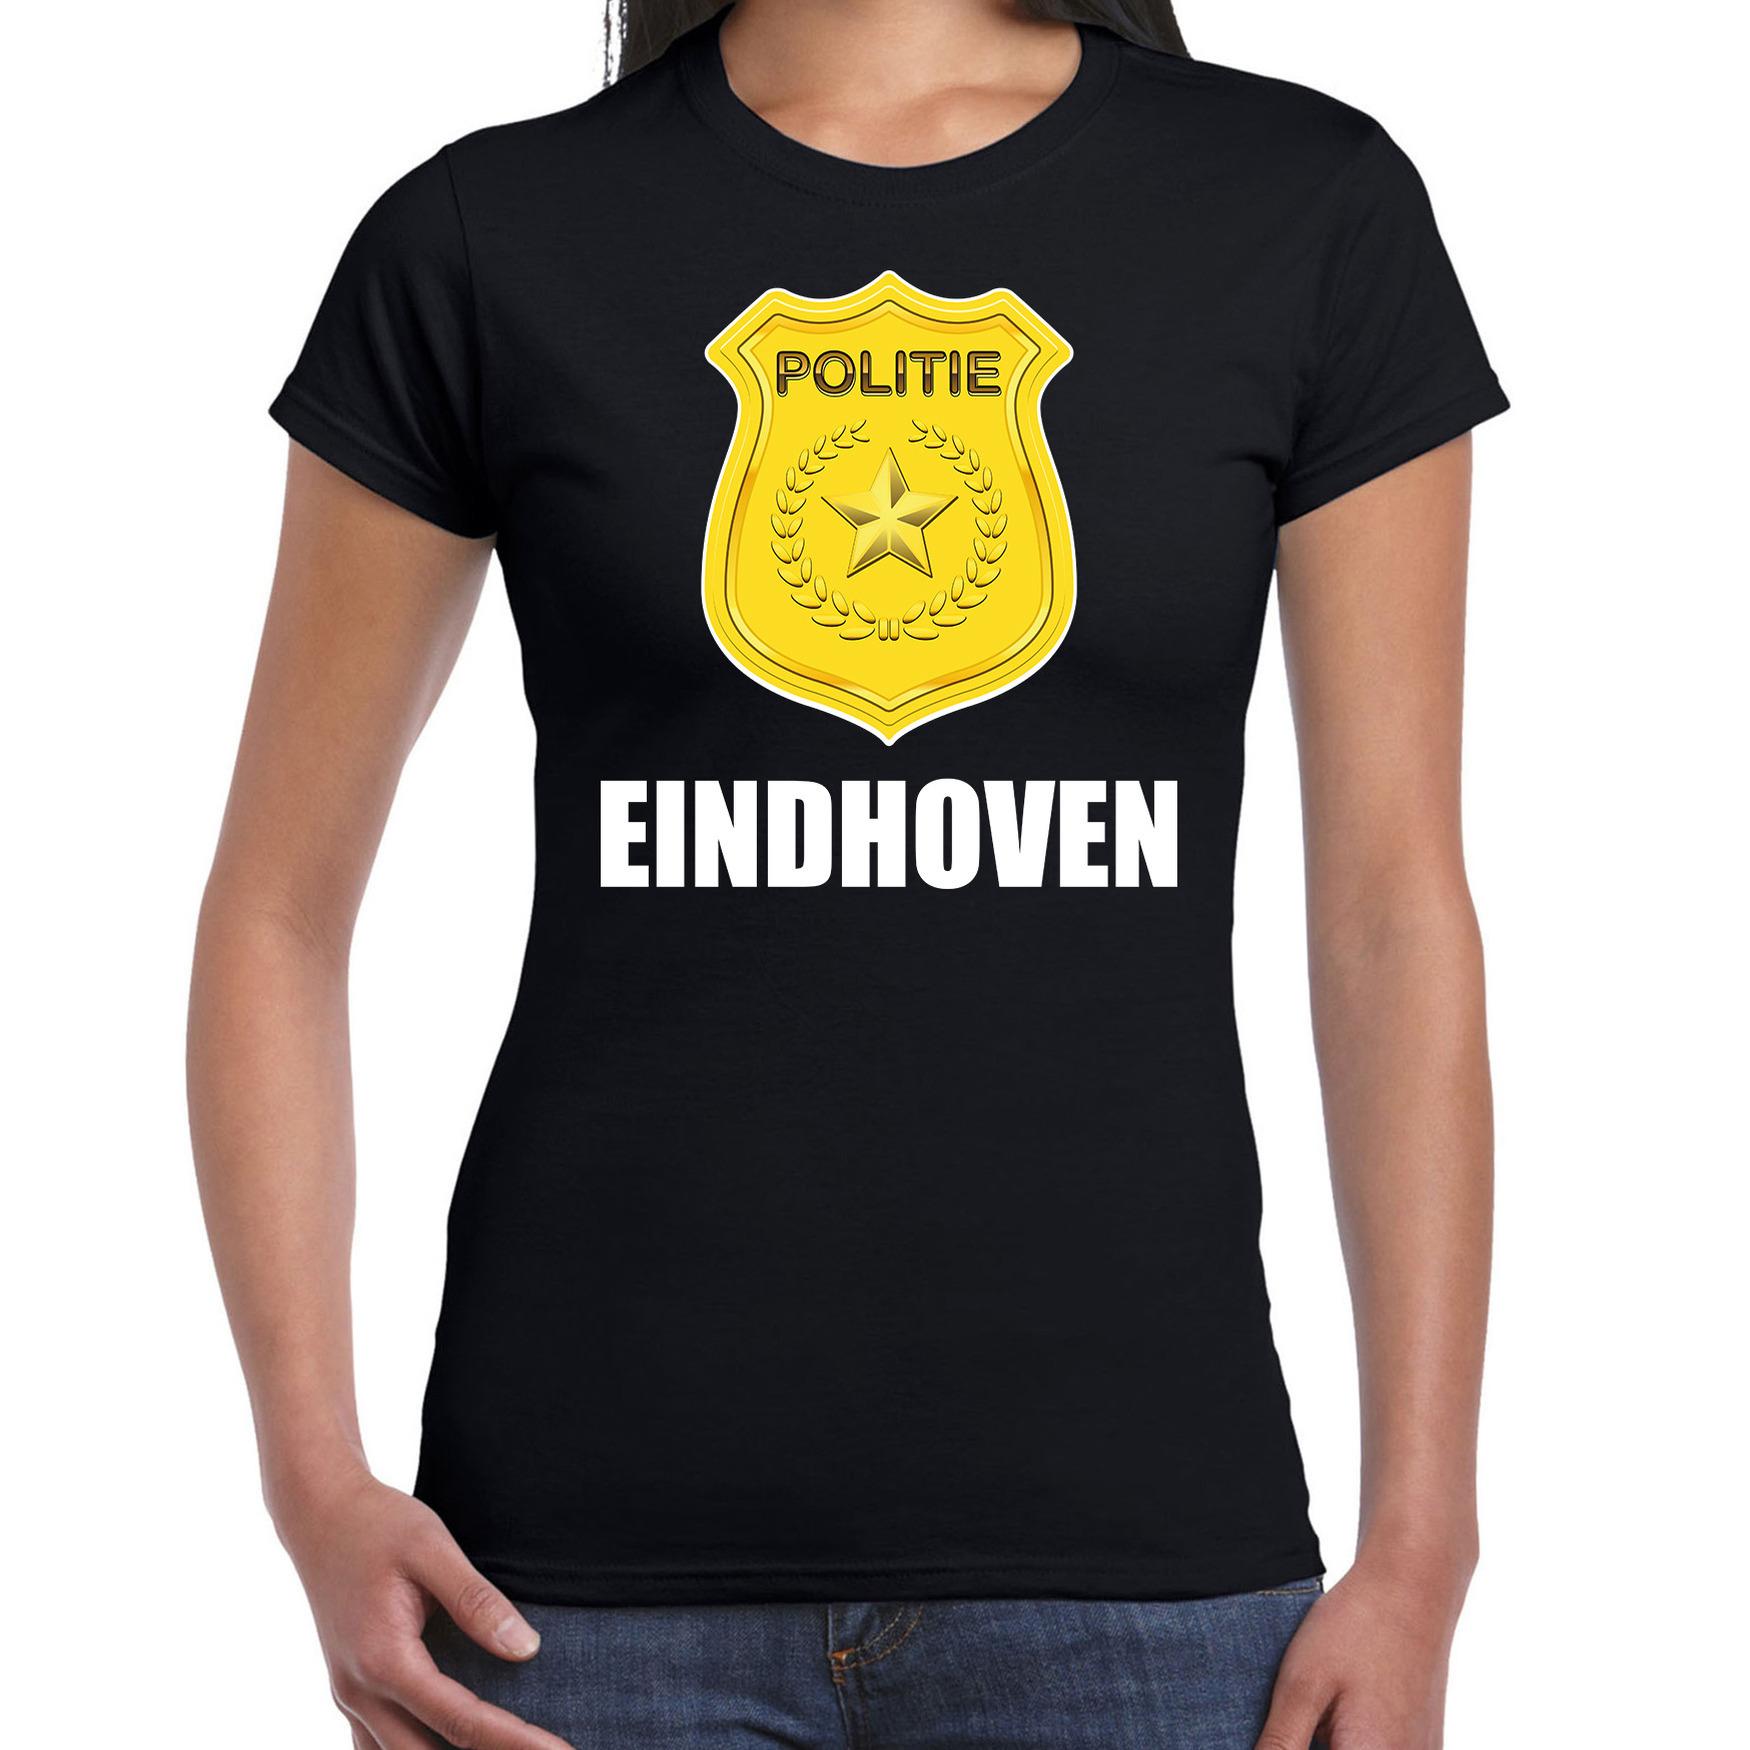 Politie embleem Eindhoven carnaval verkleed t-shirt zwart voor dames